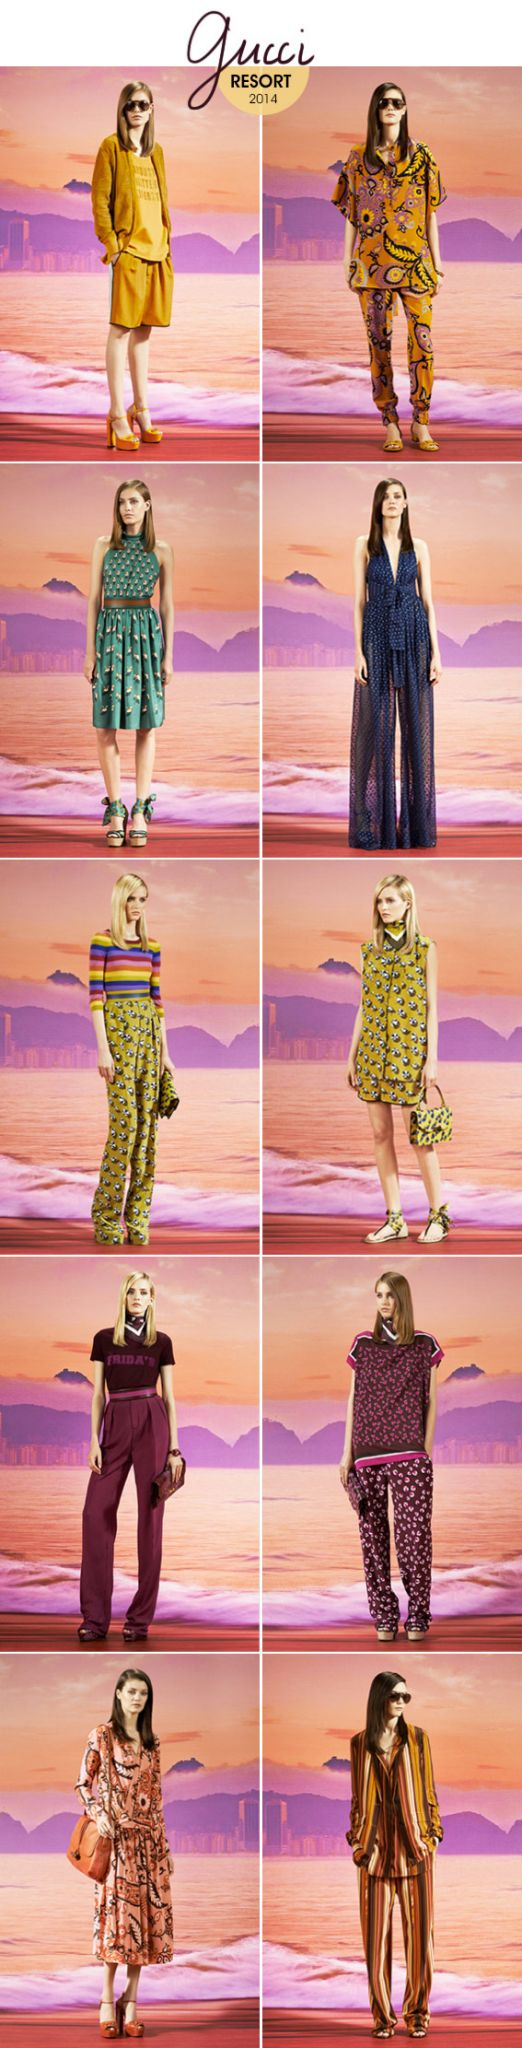 Achados da Bia | Gucci Resort 2014 | Moda | Estilo | Coleção